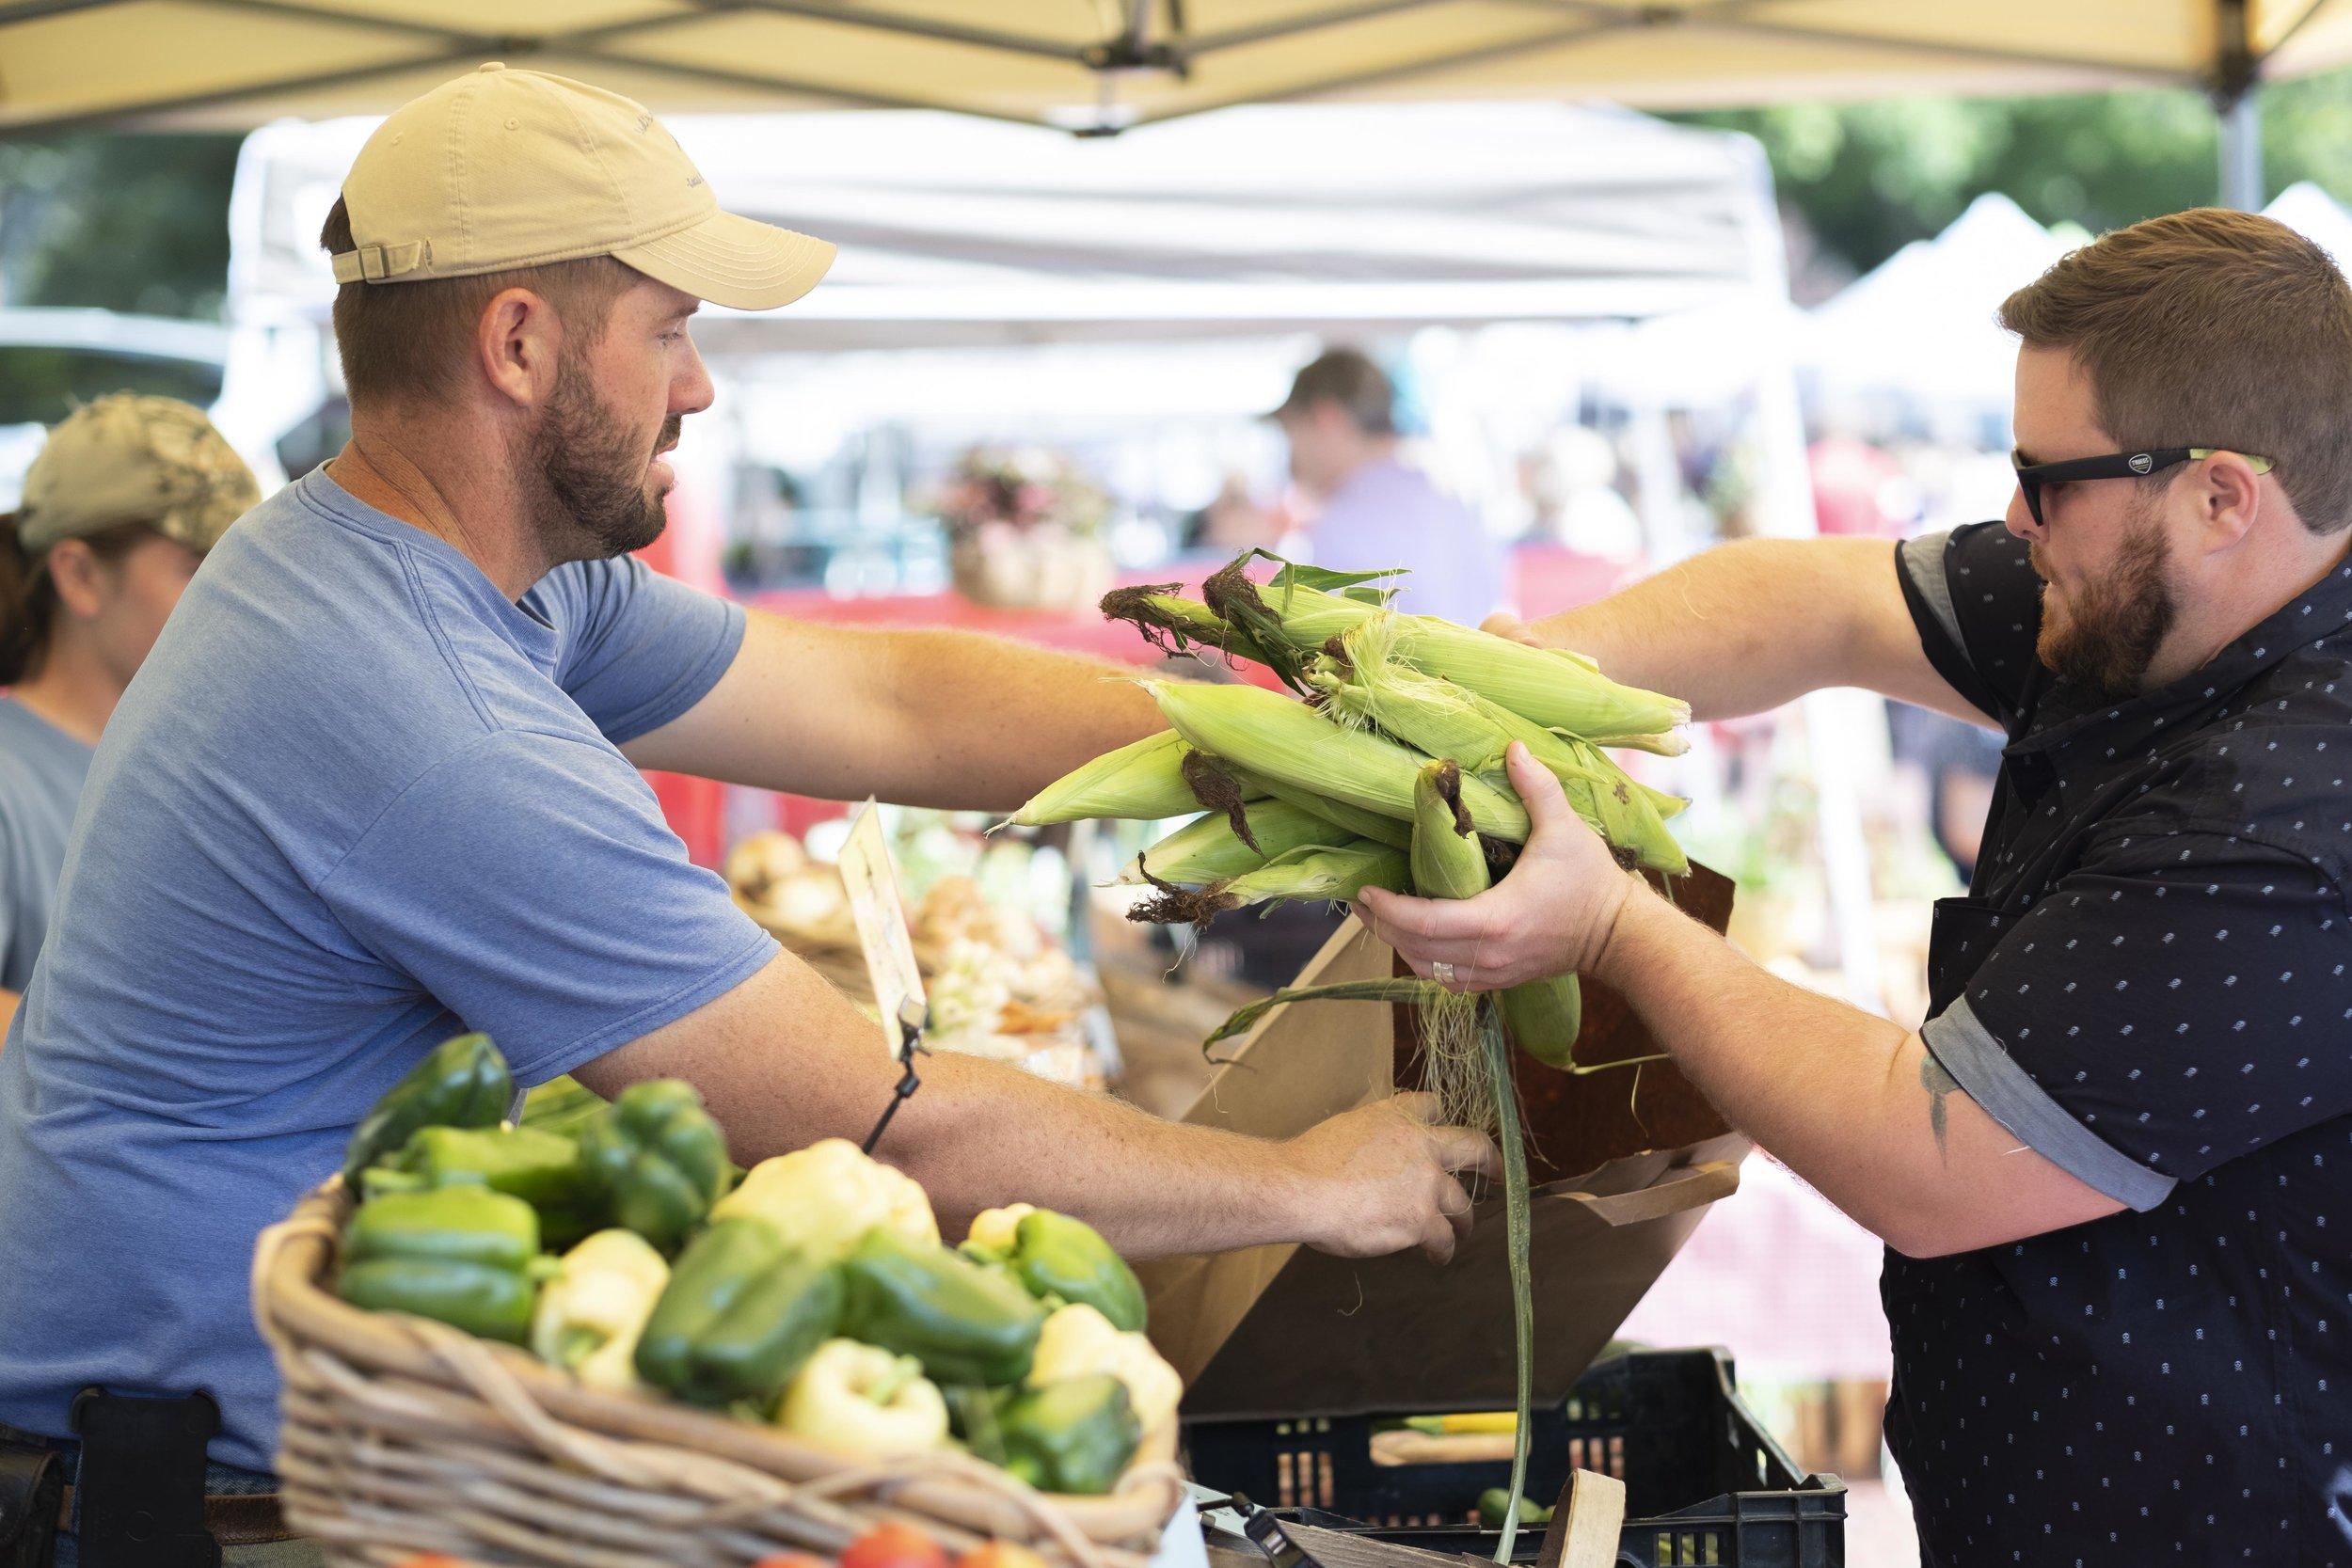 The Granville Farmers Market